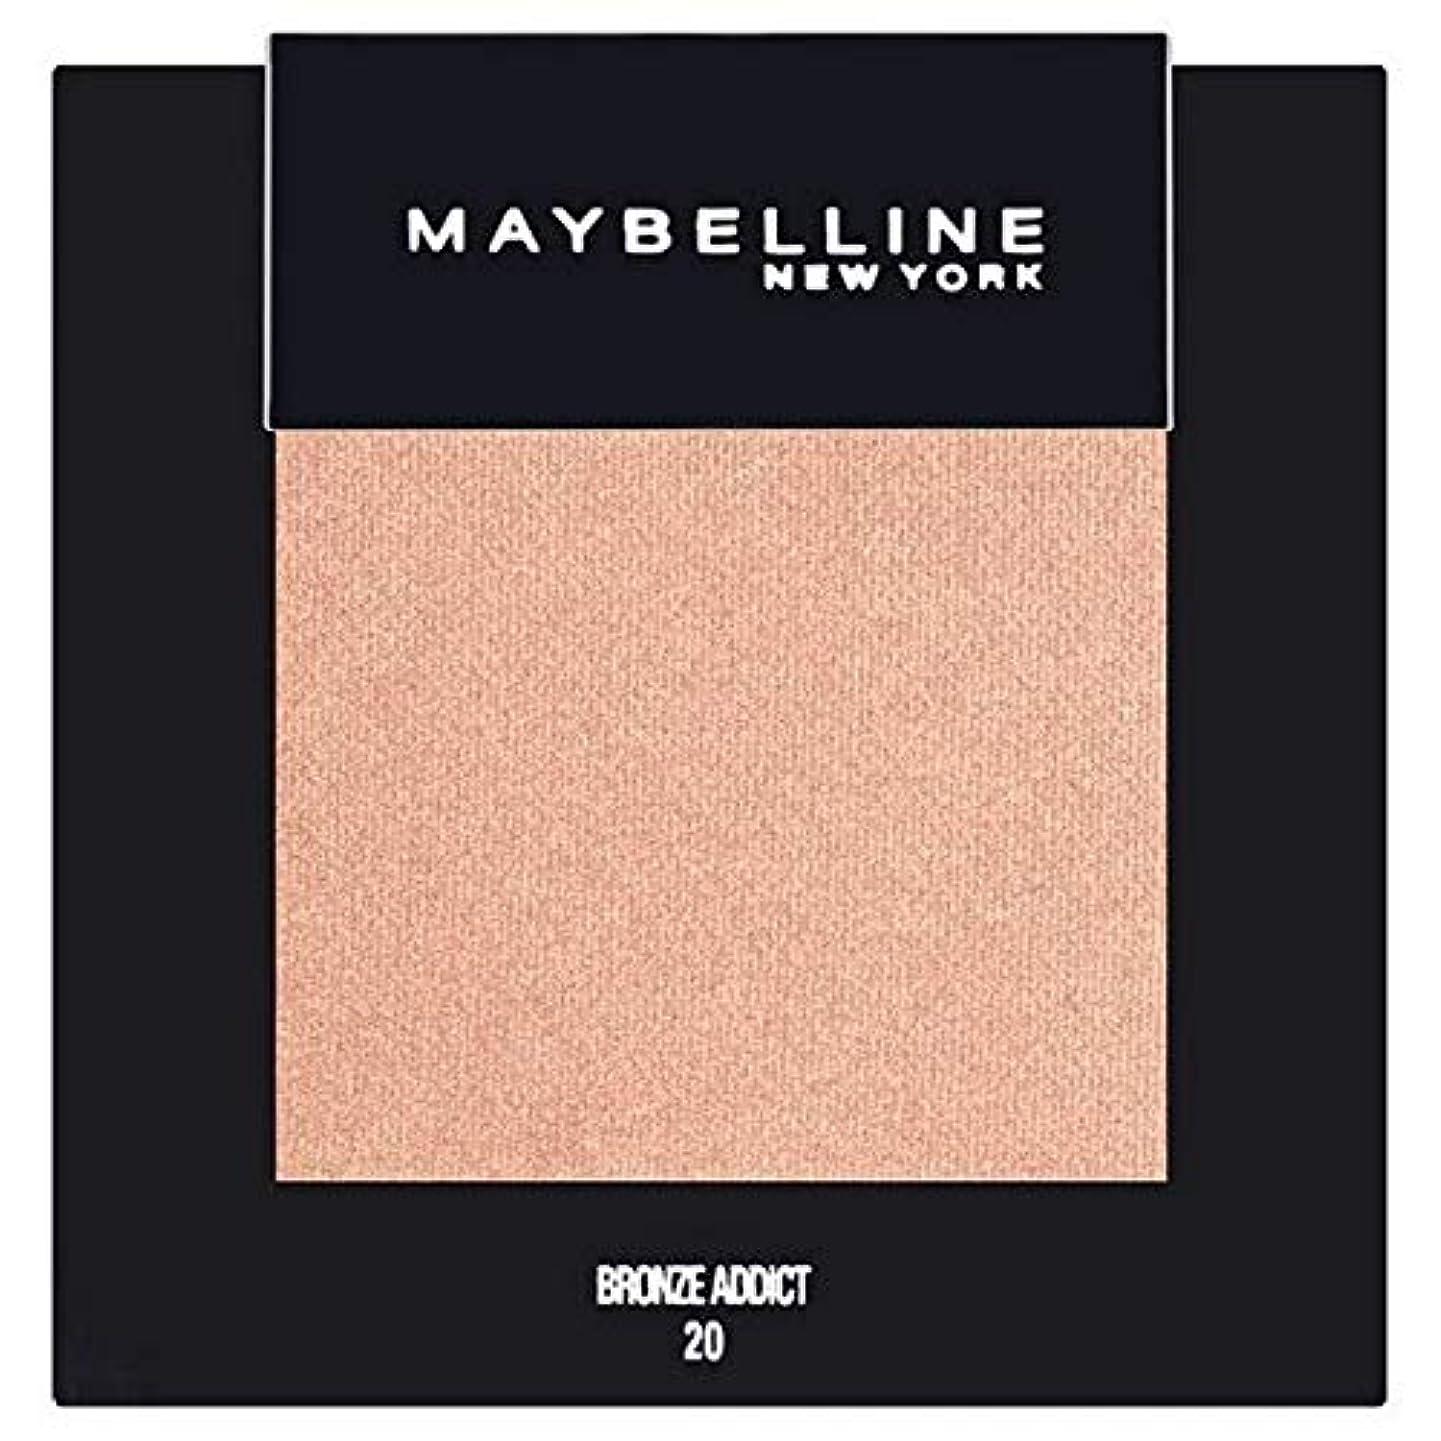 マリン馬鹿げた増幅器[Maybelline ] メイベリンカラーショーシングルアイシャドウ20ブロンズ - Maybelline Color Show Single Eyeshadow 20 Bronze [並行輸入品]